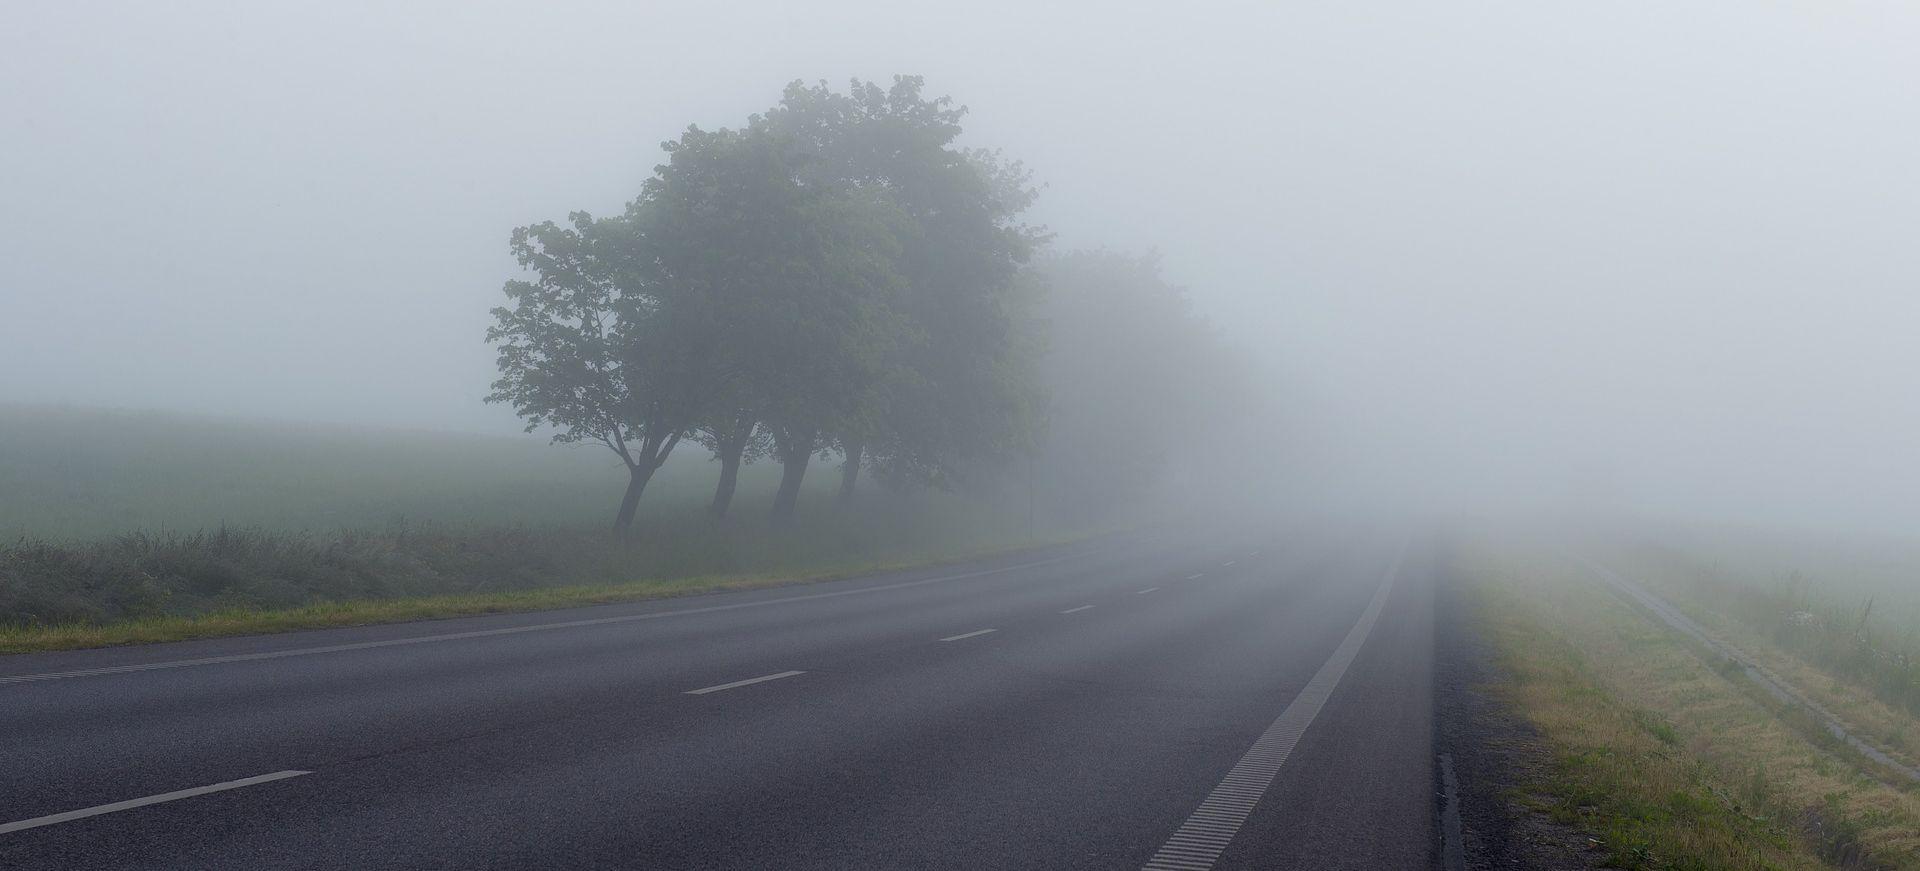 Magla smanjuje vidljivost, olujni vjetar otežava promet